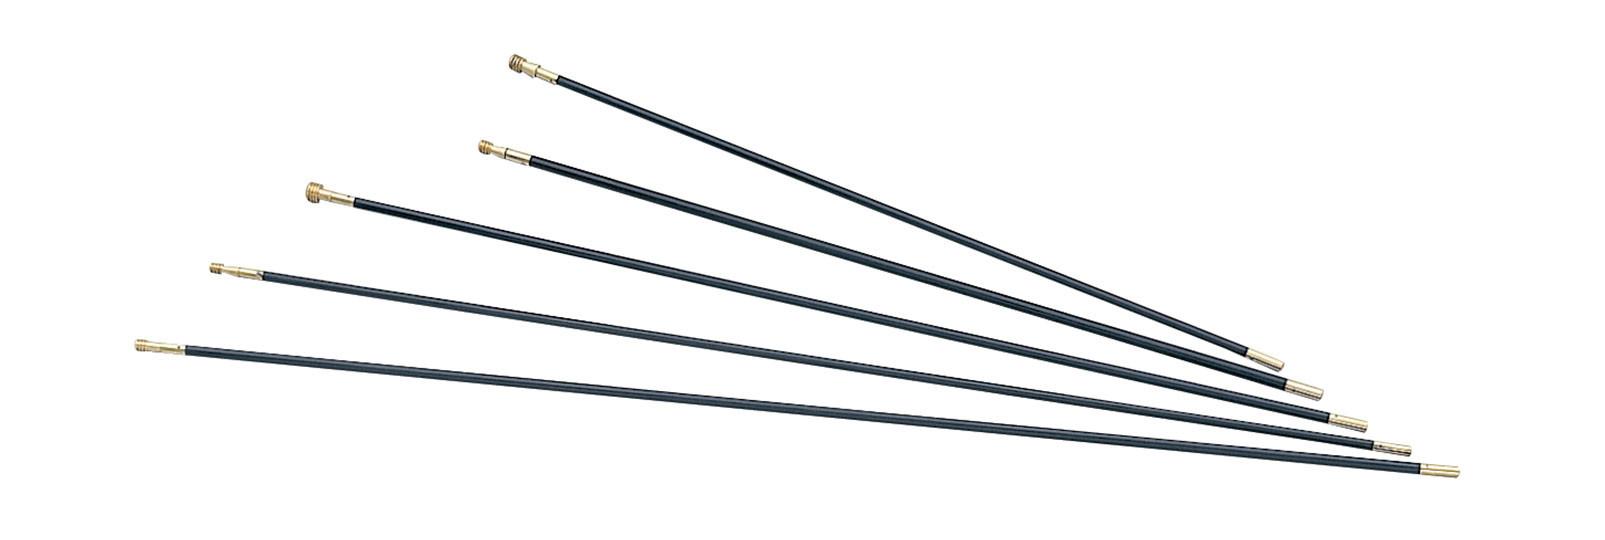 Fiber rod .54 - 9x890 mm